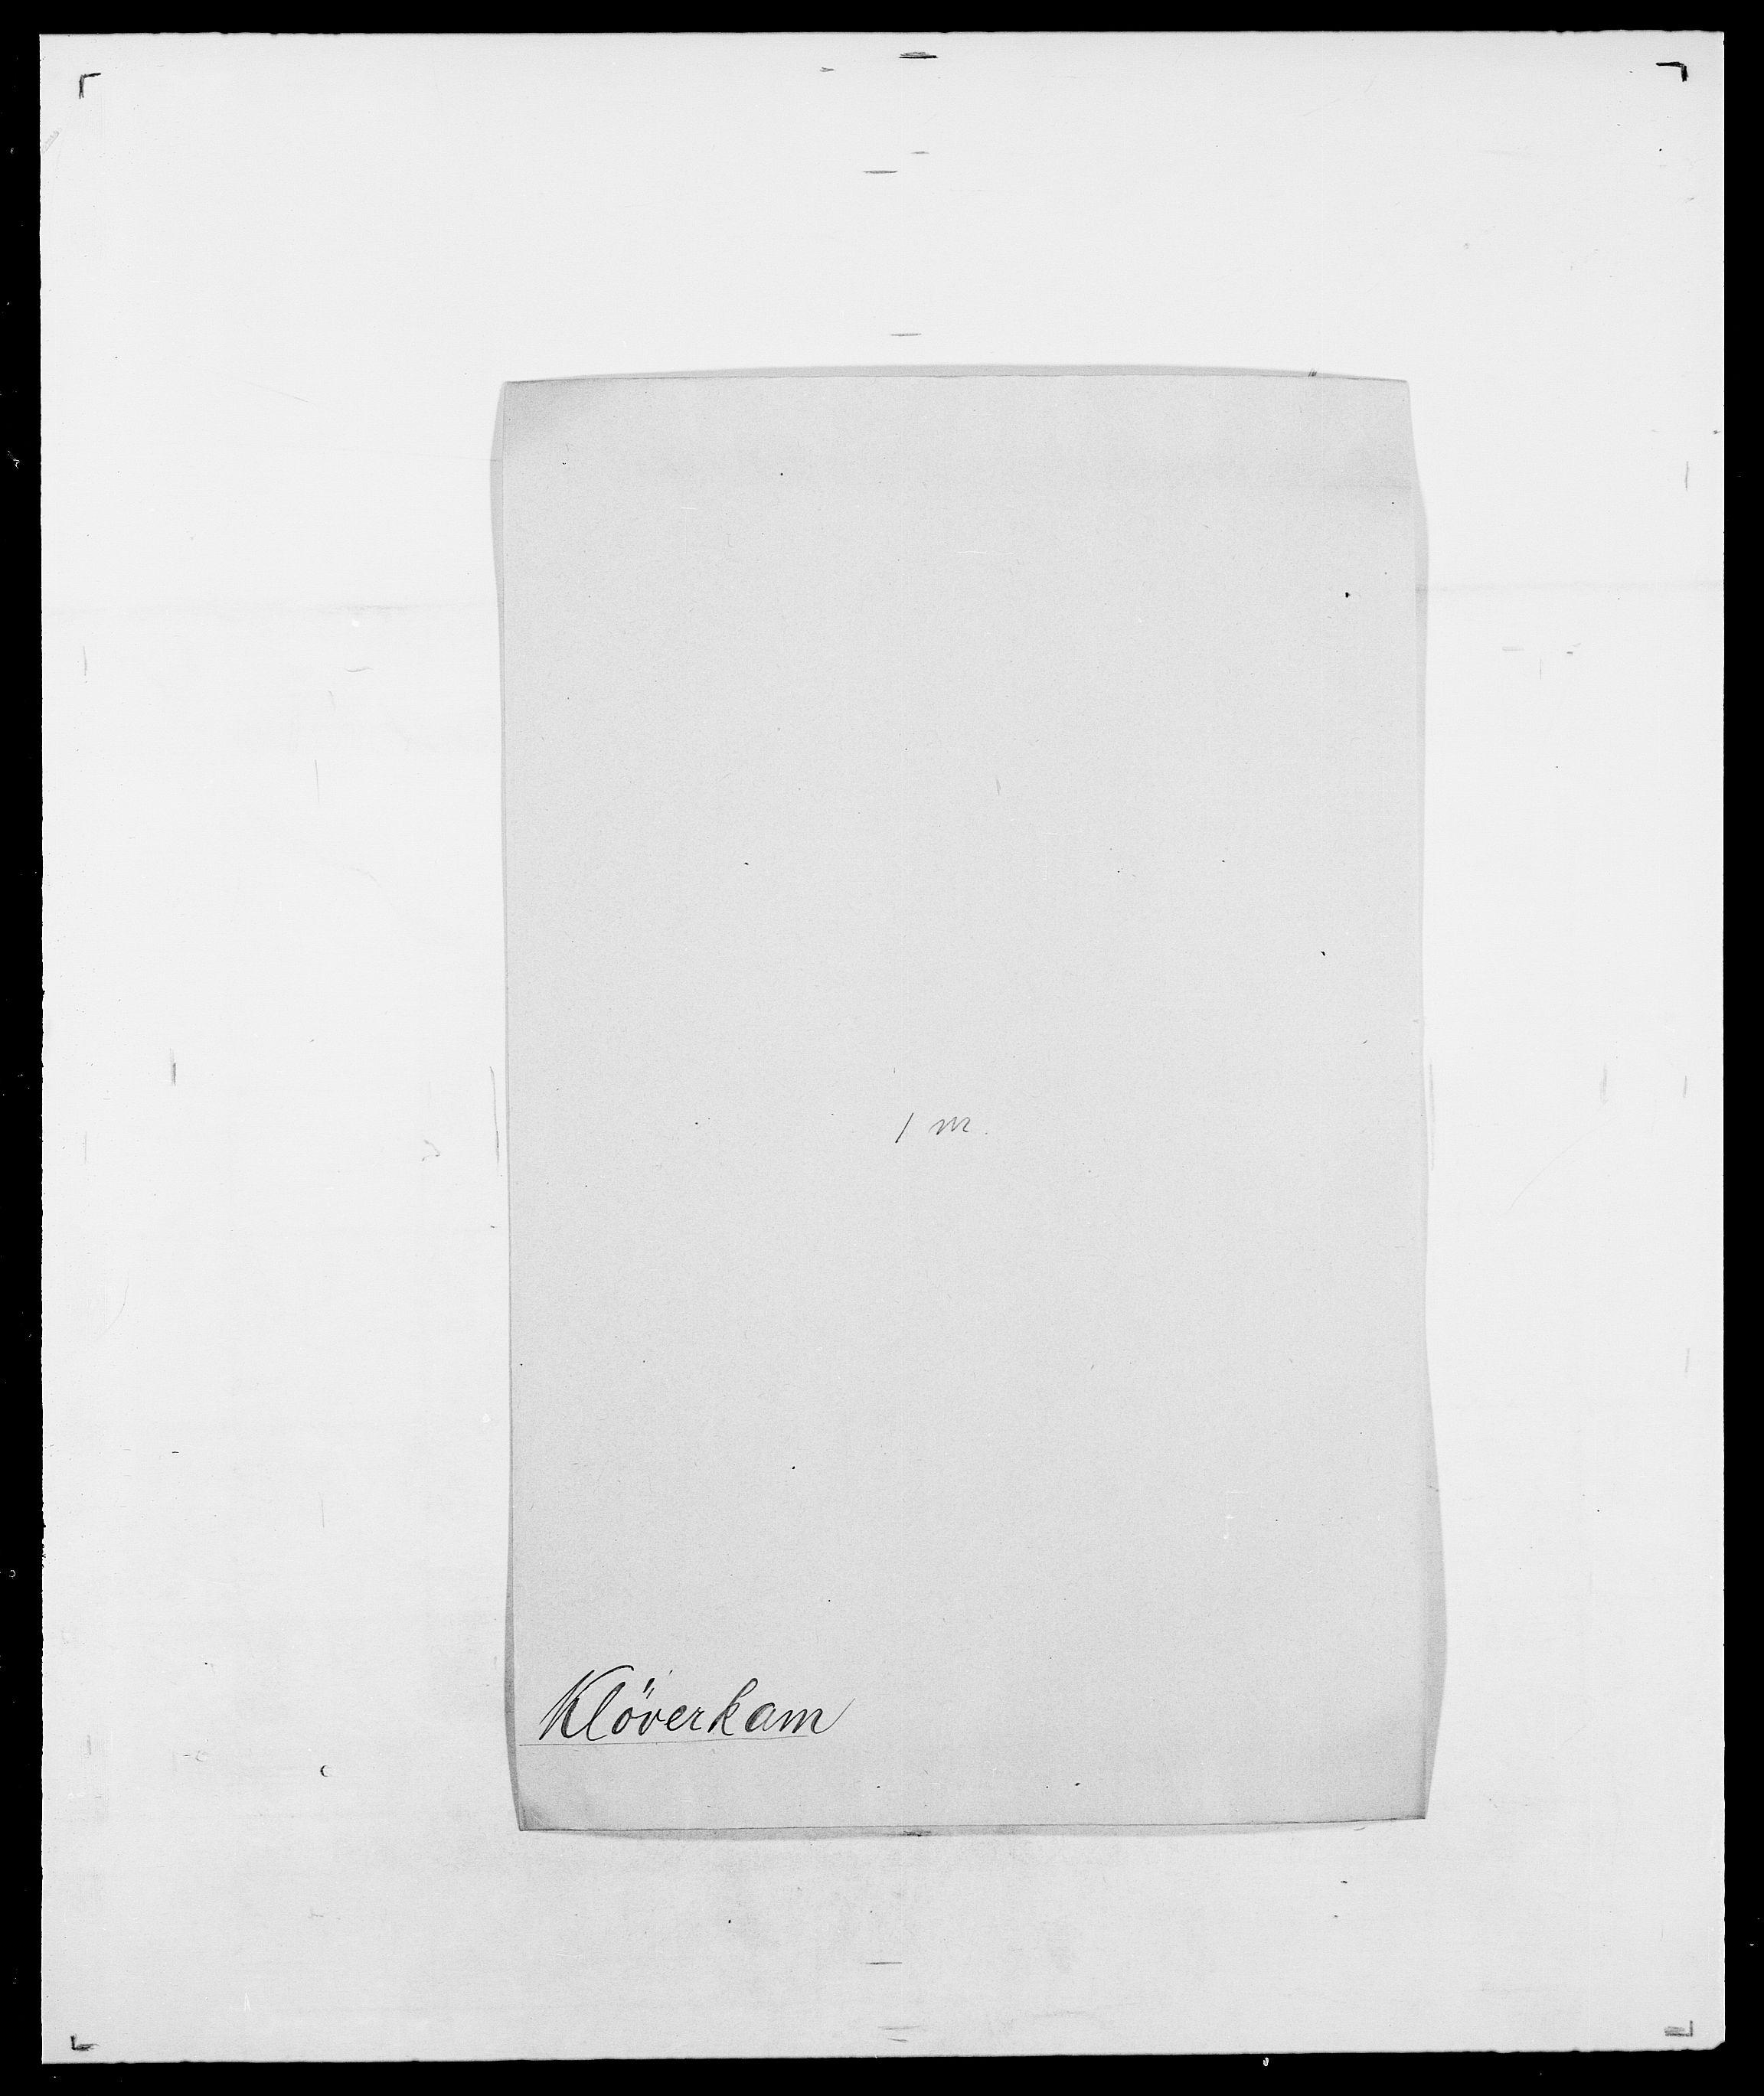 SAO, Delgobe, Charles Antoine - samling, D/Da/L0021: Klagenberg - Kristoft, s. 234